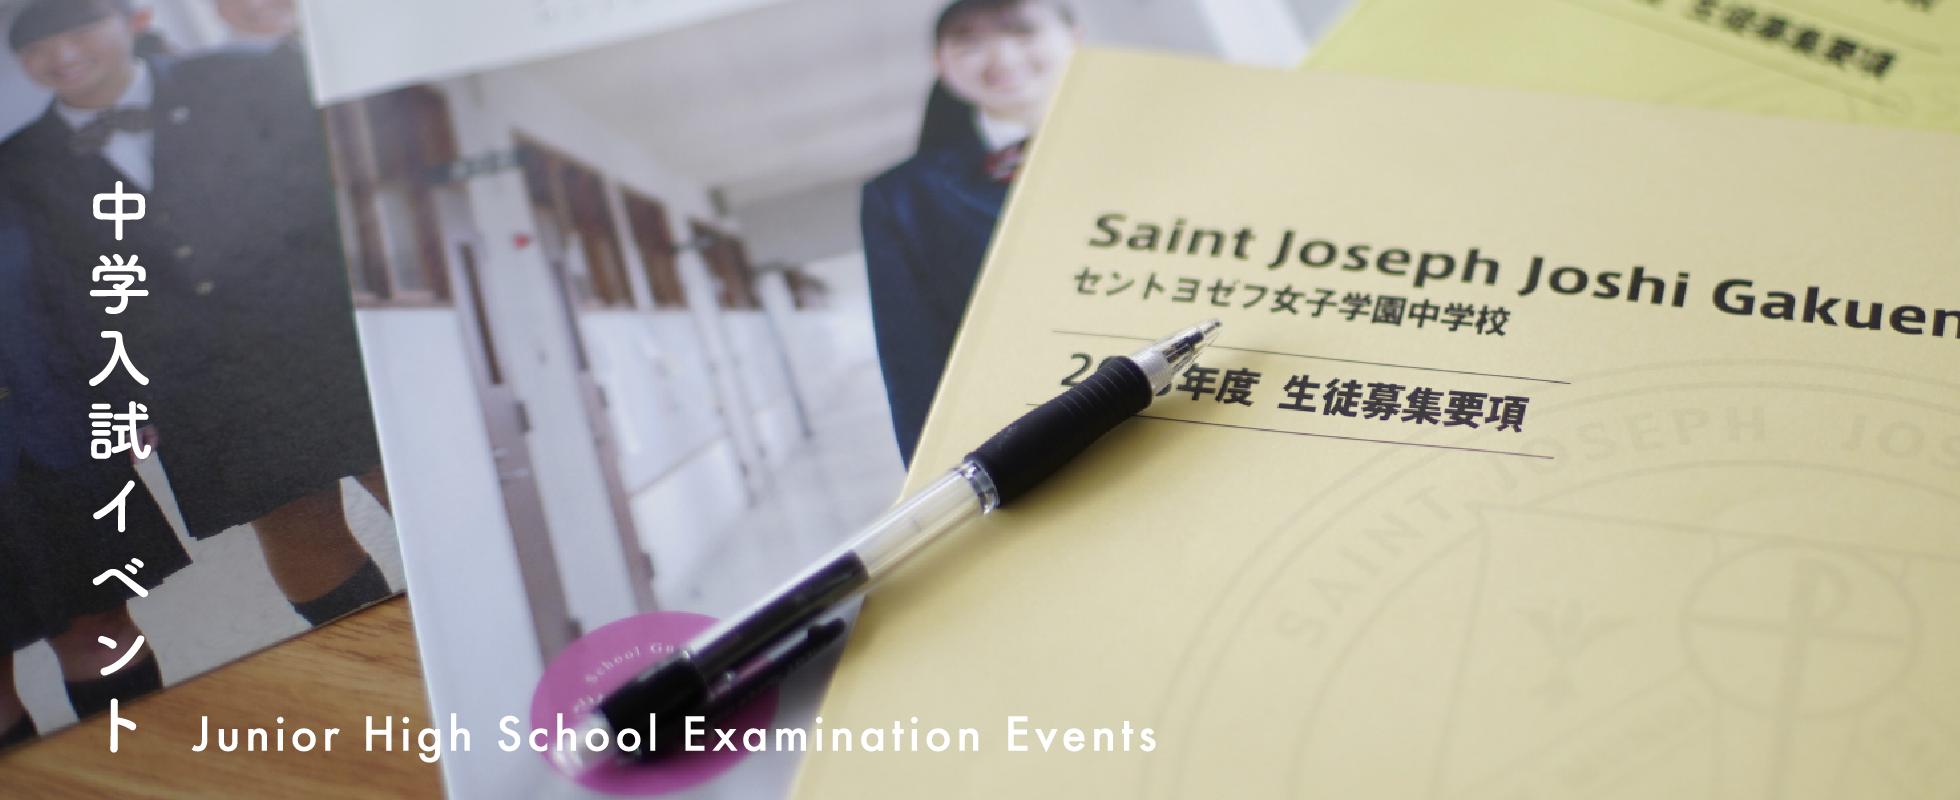 小学生対象イベント情報